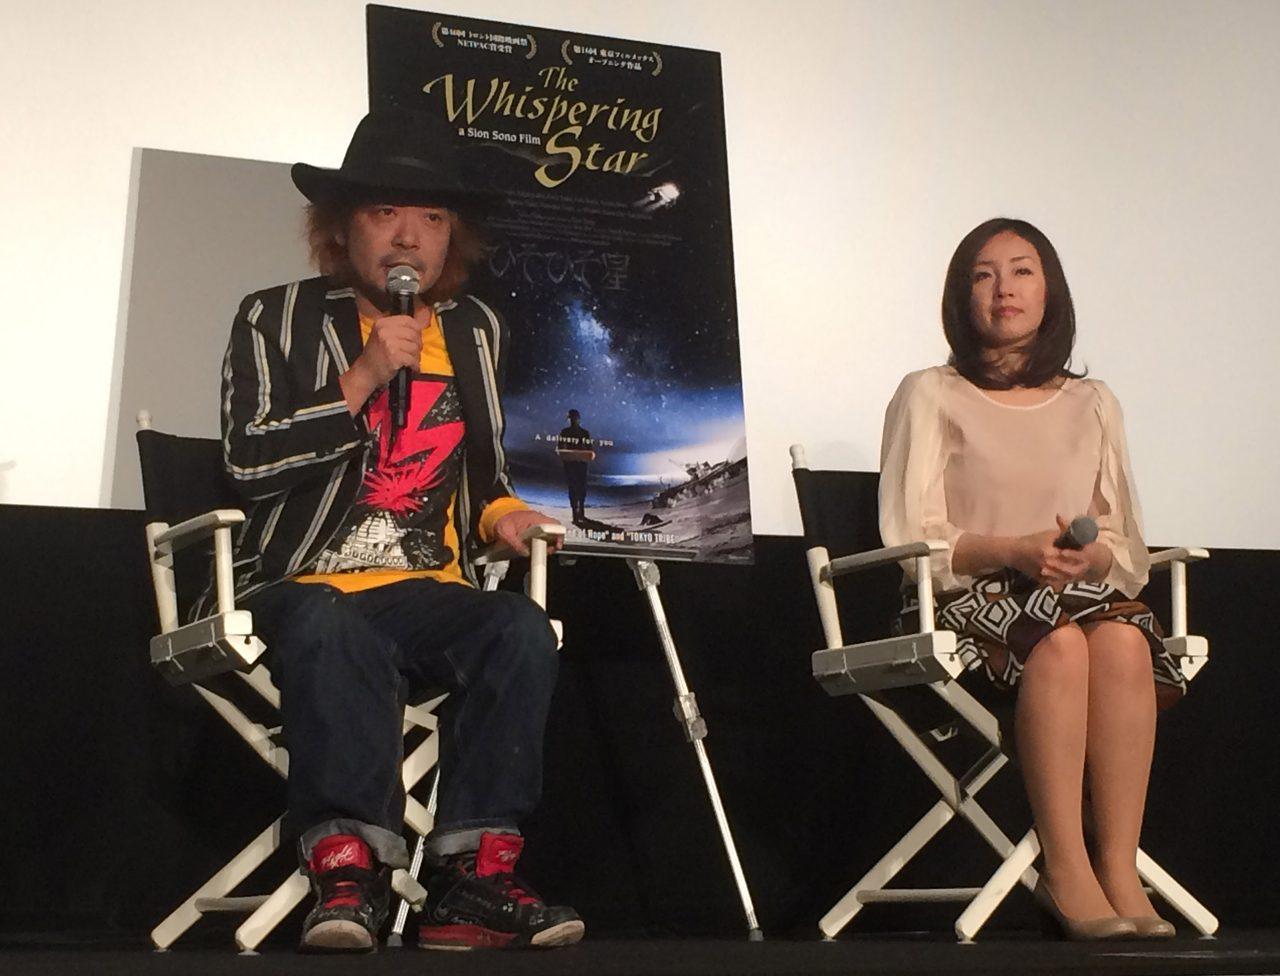 画像: 園子温監督と主演の神楽坂恵が語る…『ひそひそ星』。第16回東京フィルメックス・オープニング作品。公開決定も発表!